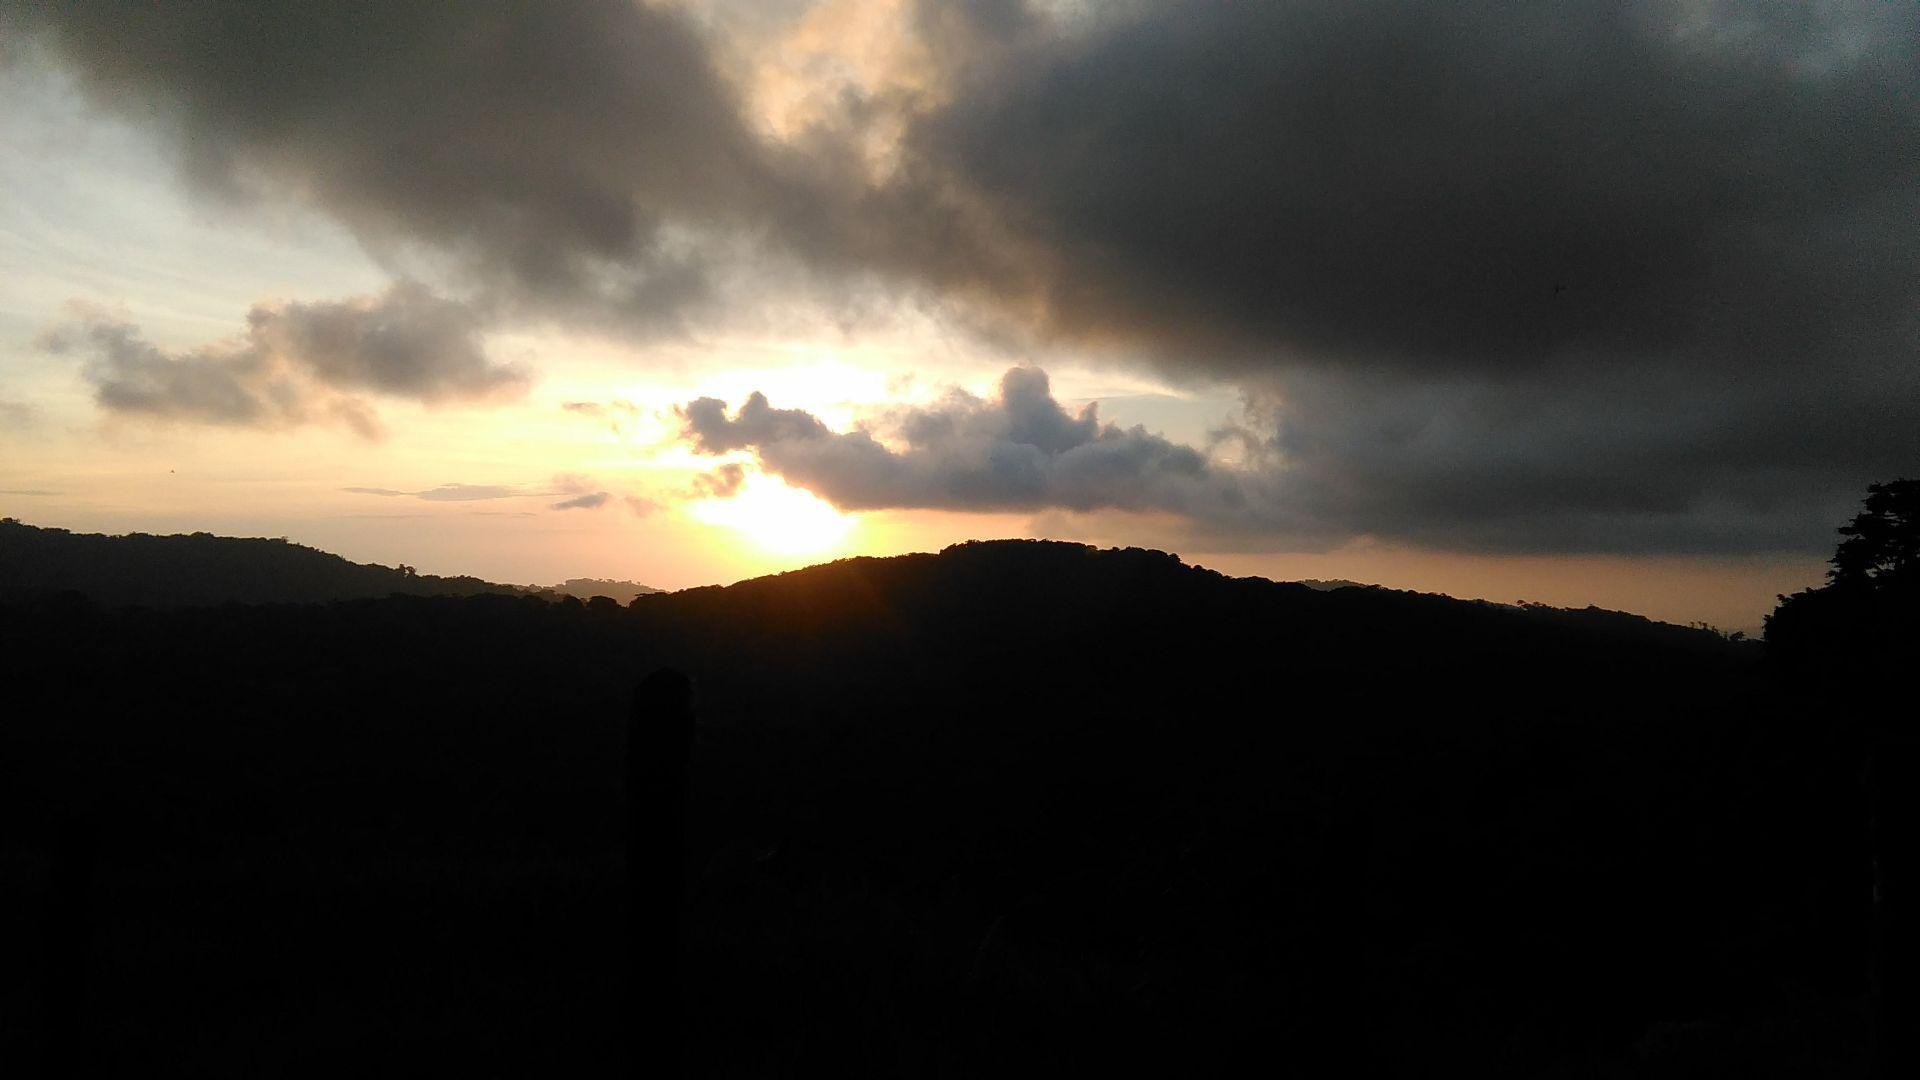 La tarde en el bosque nuboso